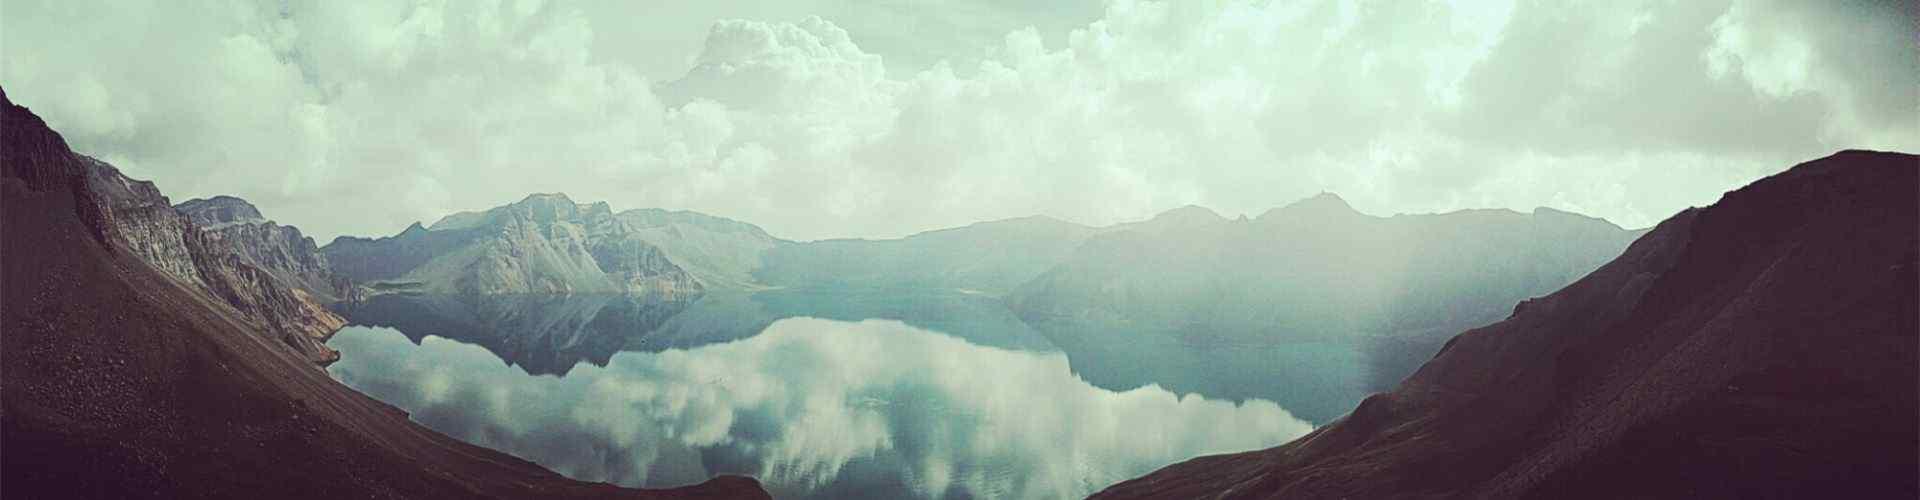 长白山天池_长白山天池风景图片_夏日避暑清凉风景图片_风景壁纸